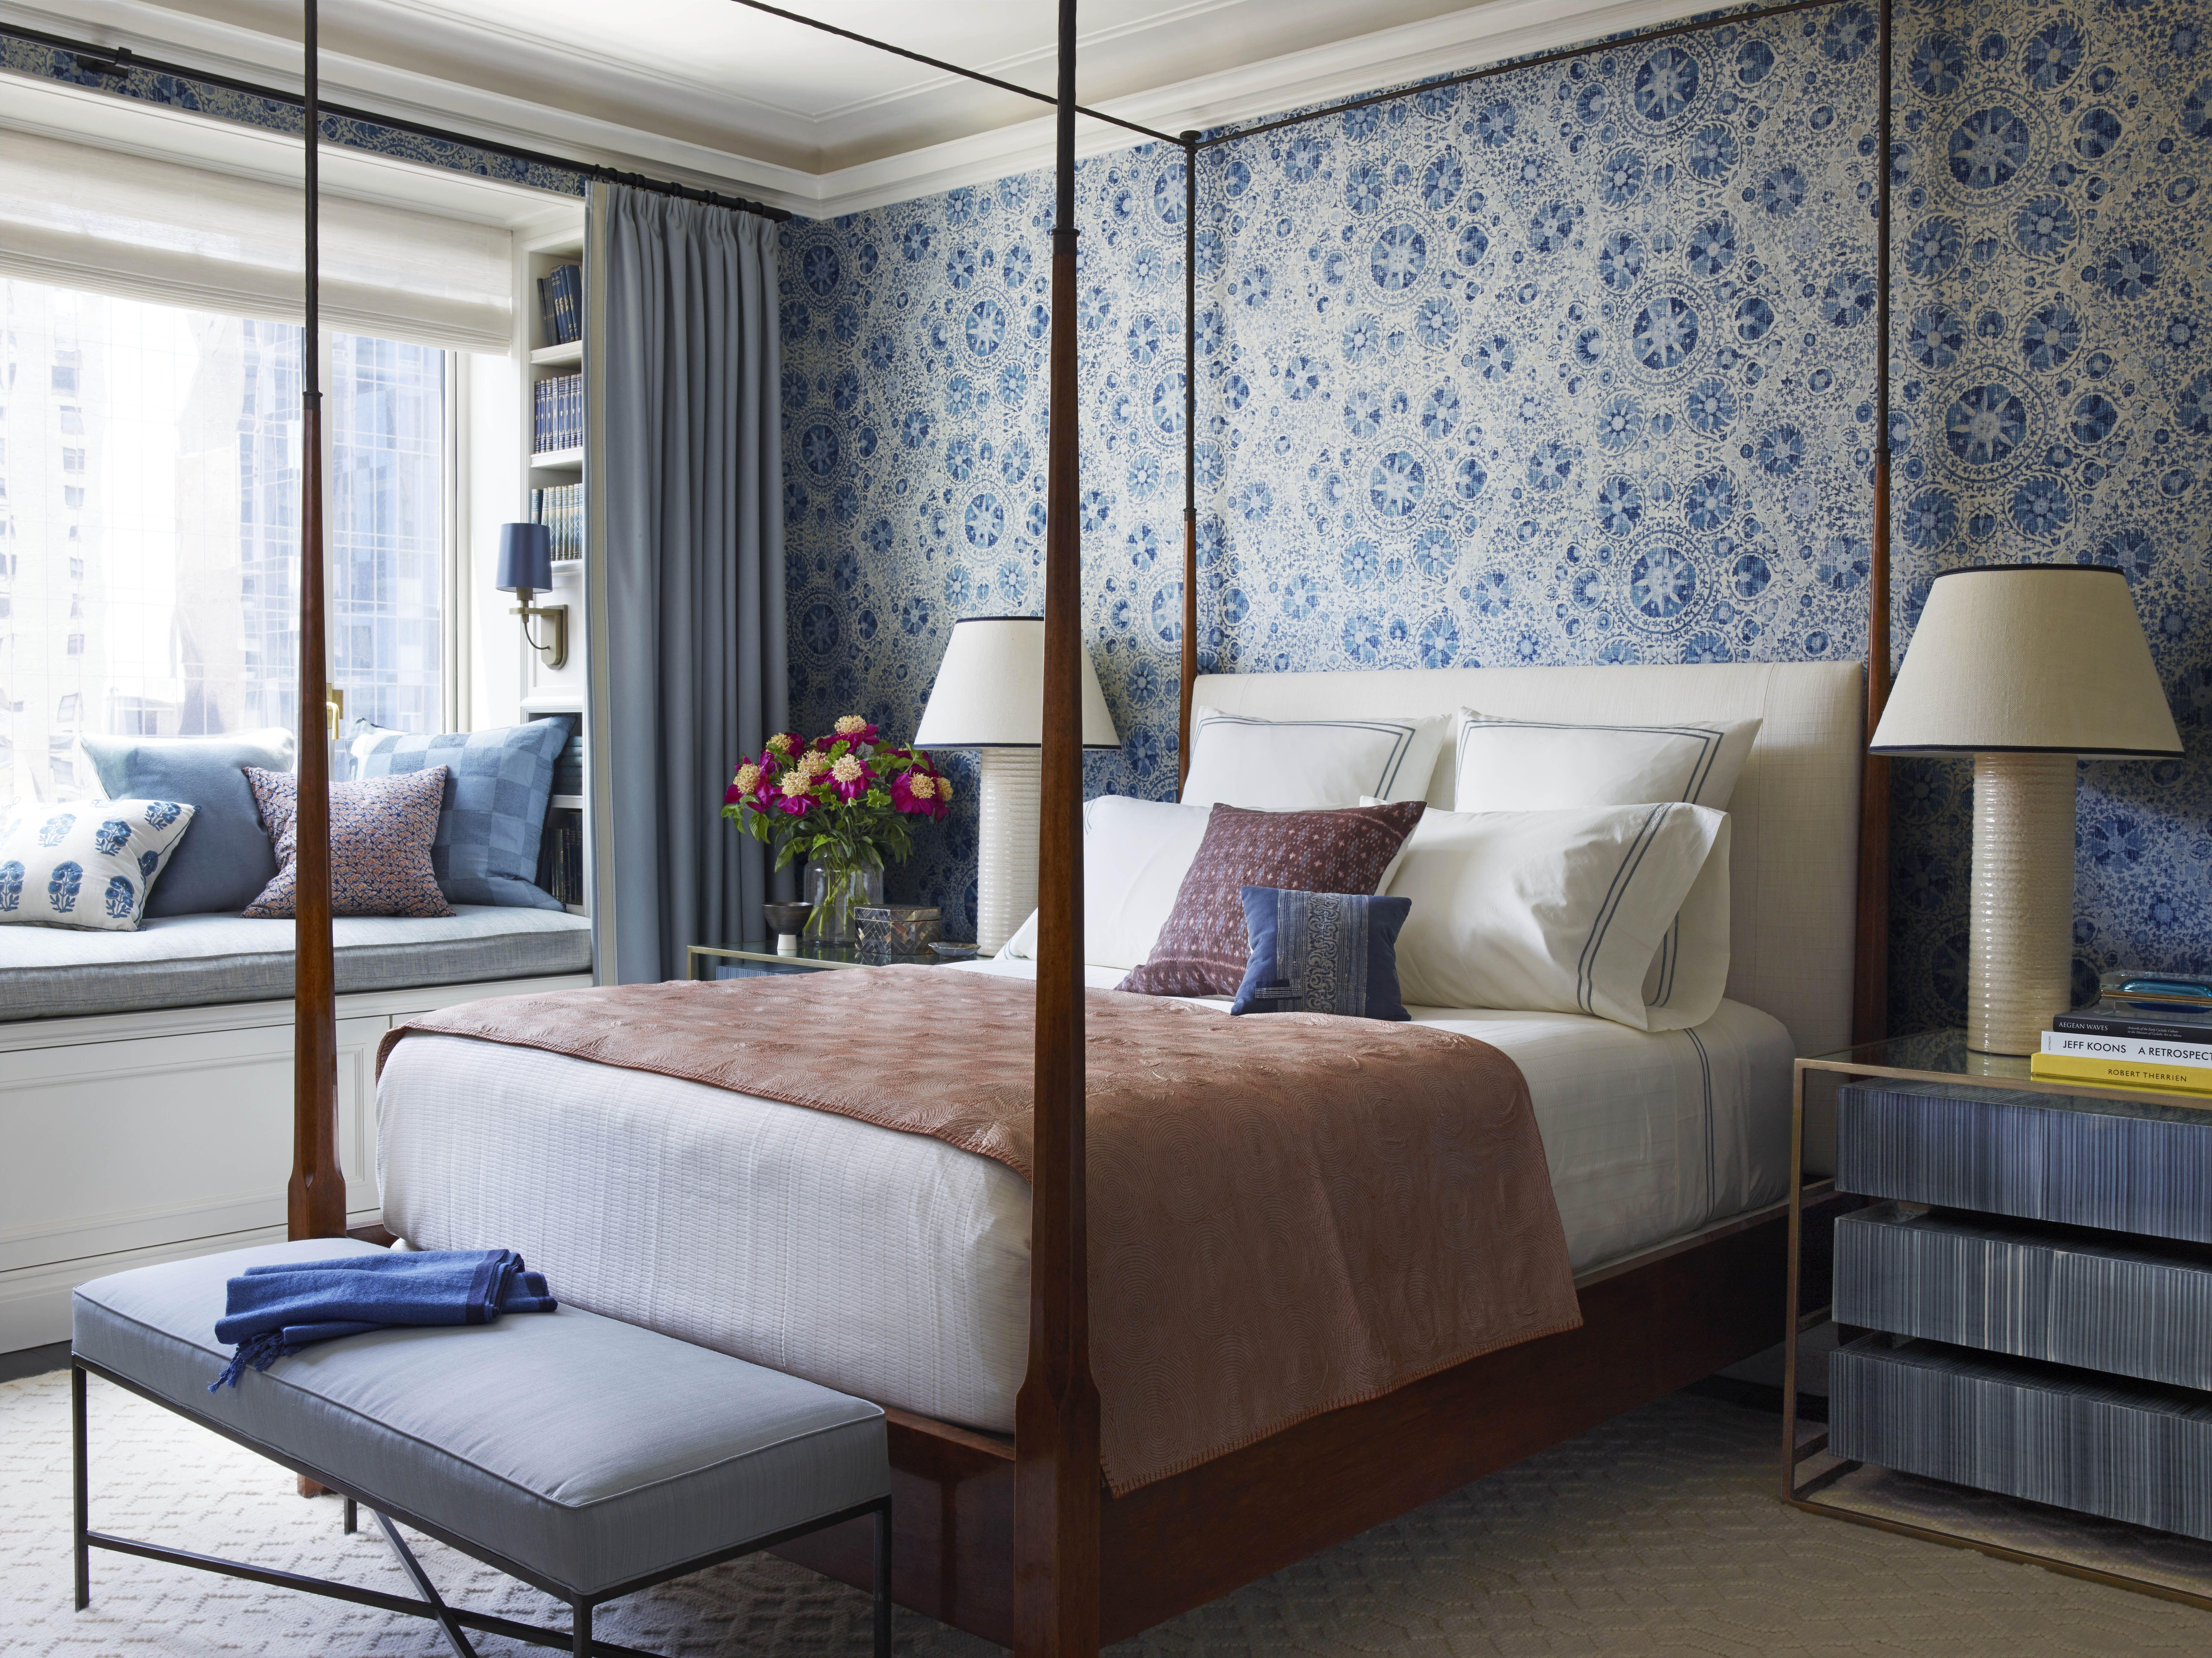 9 Best Bedroom Wallpaper Ideas - Designer Wallpaper for Bedrooms